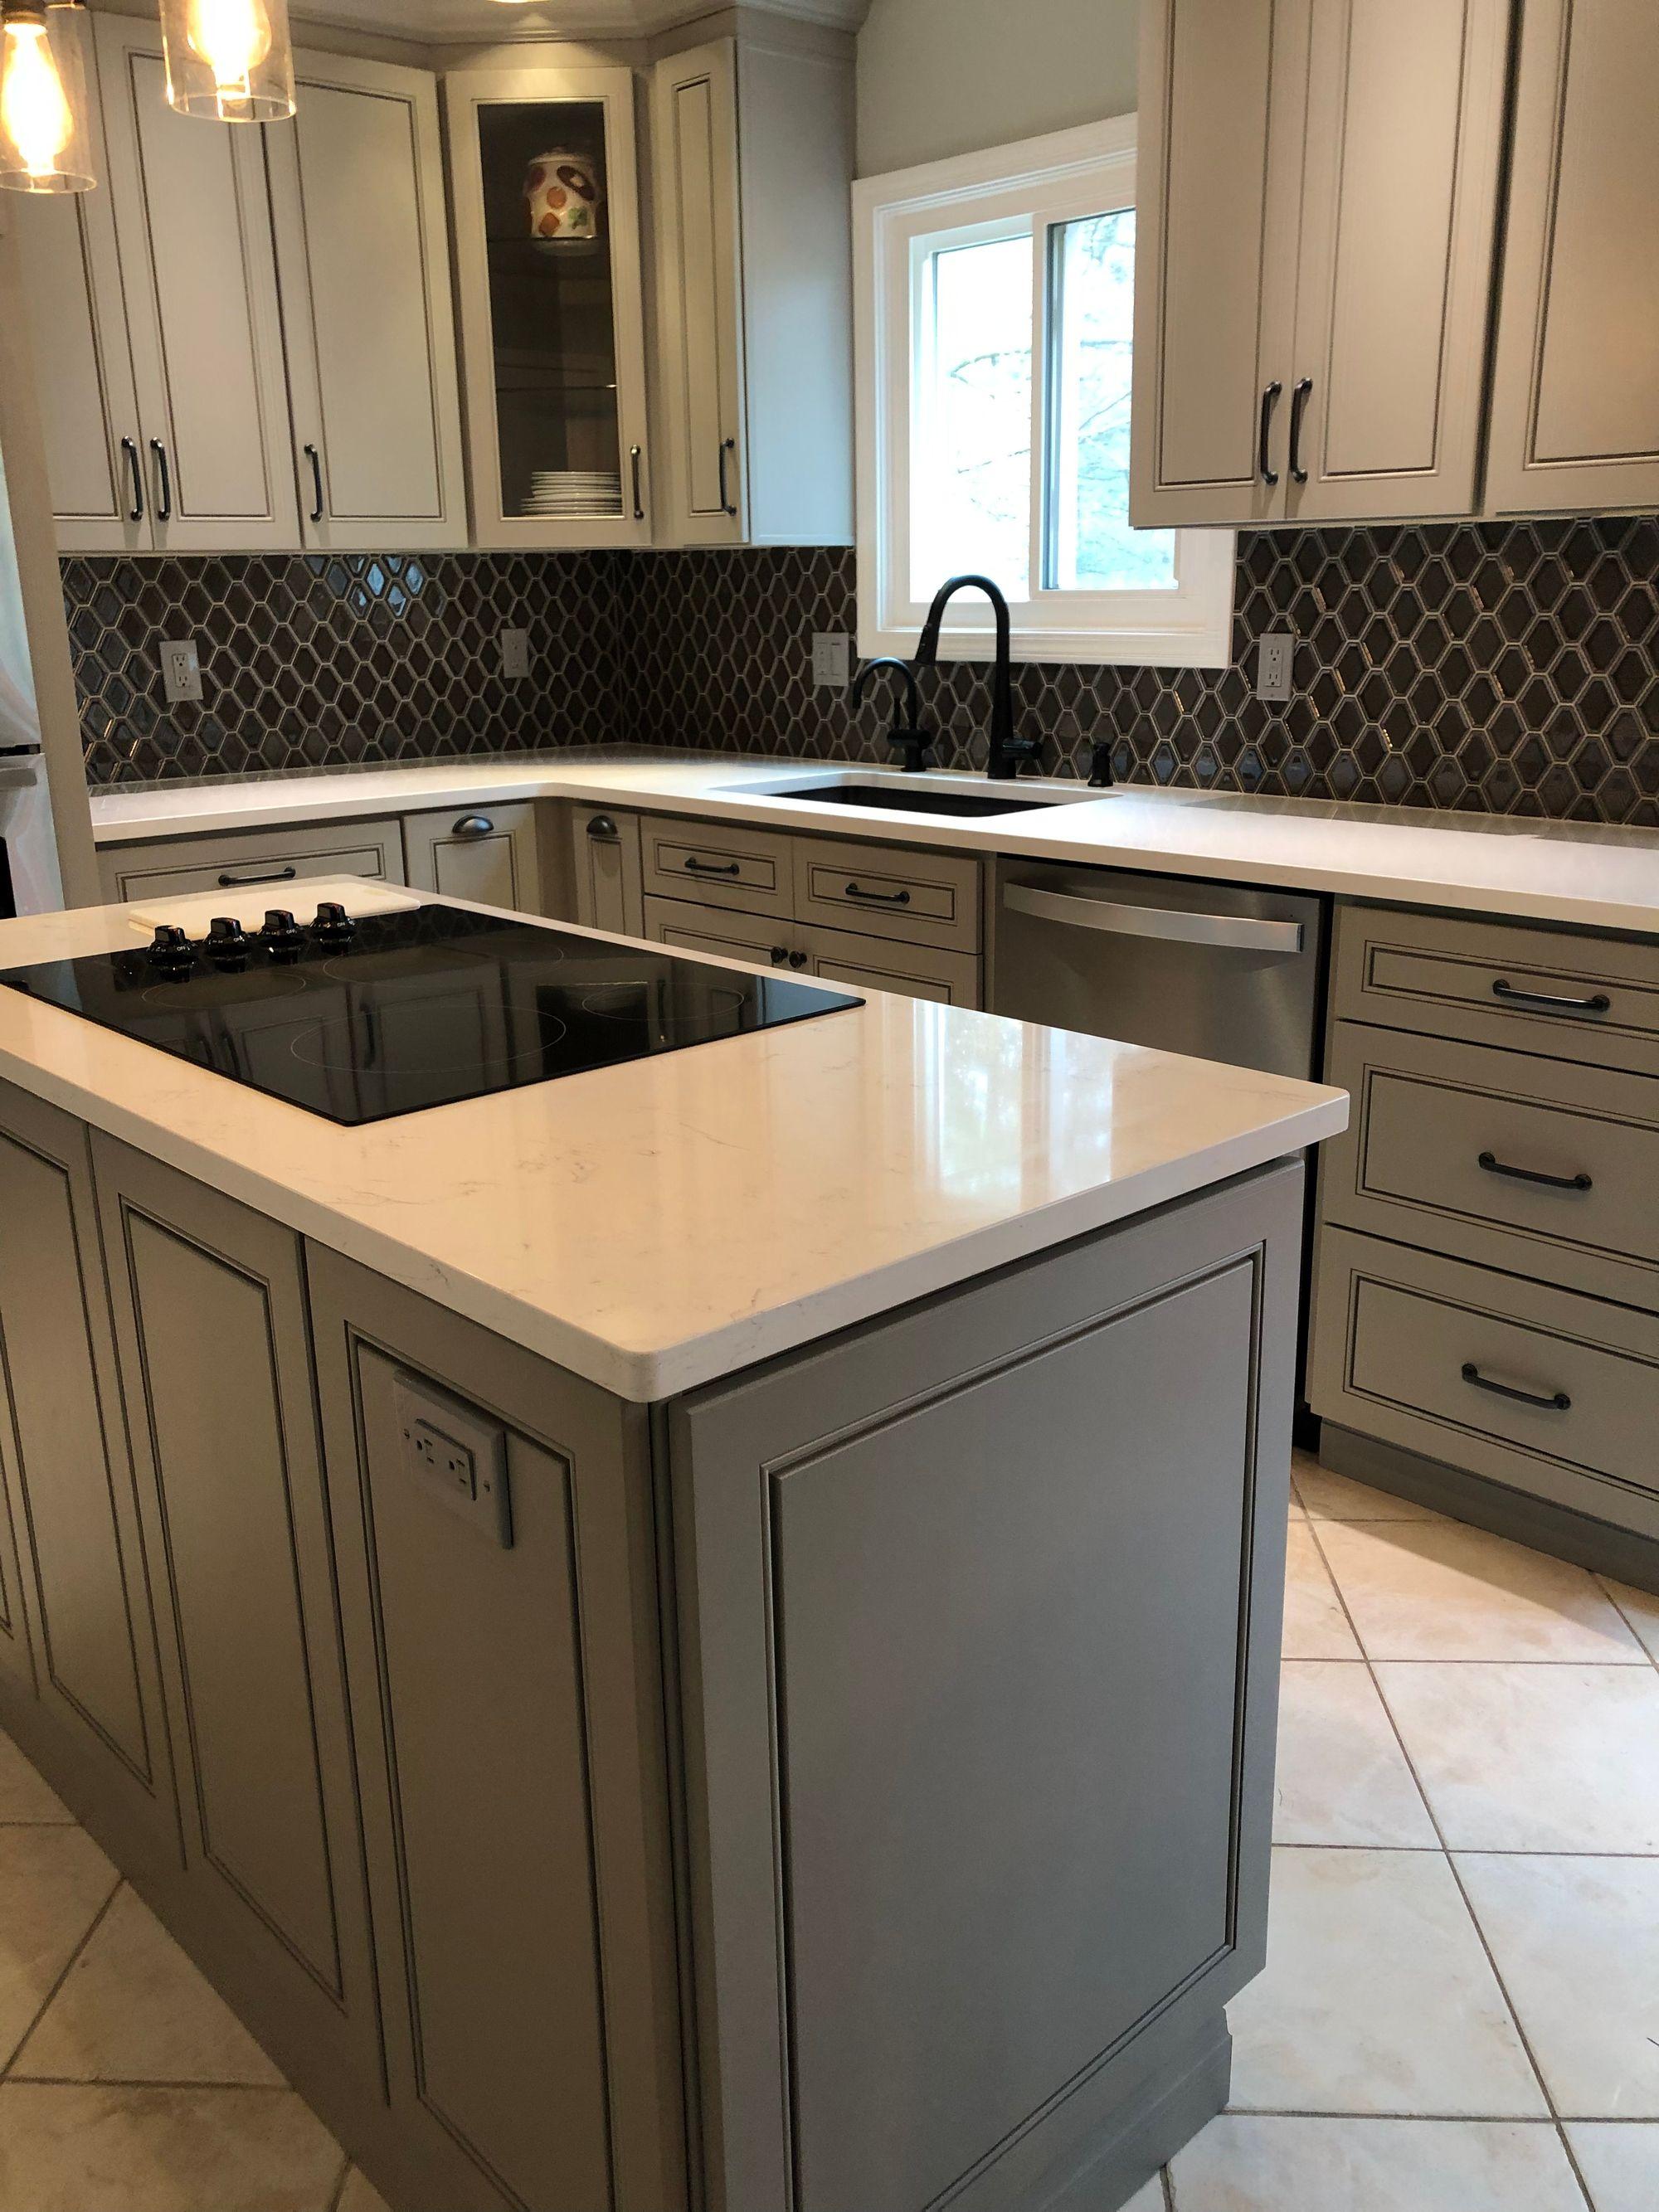 Westlake Ohio Kitchen Remodel In 2020 Kitchen Design Showrooms